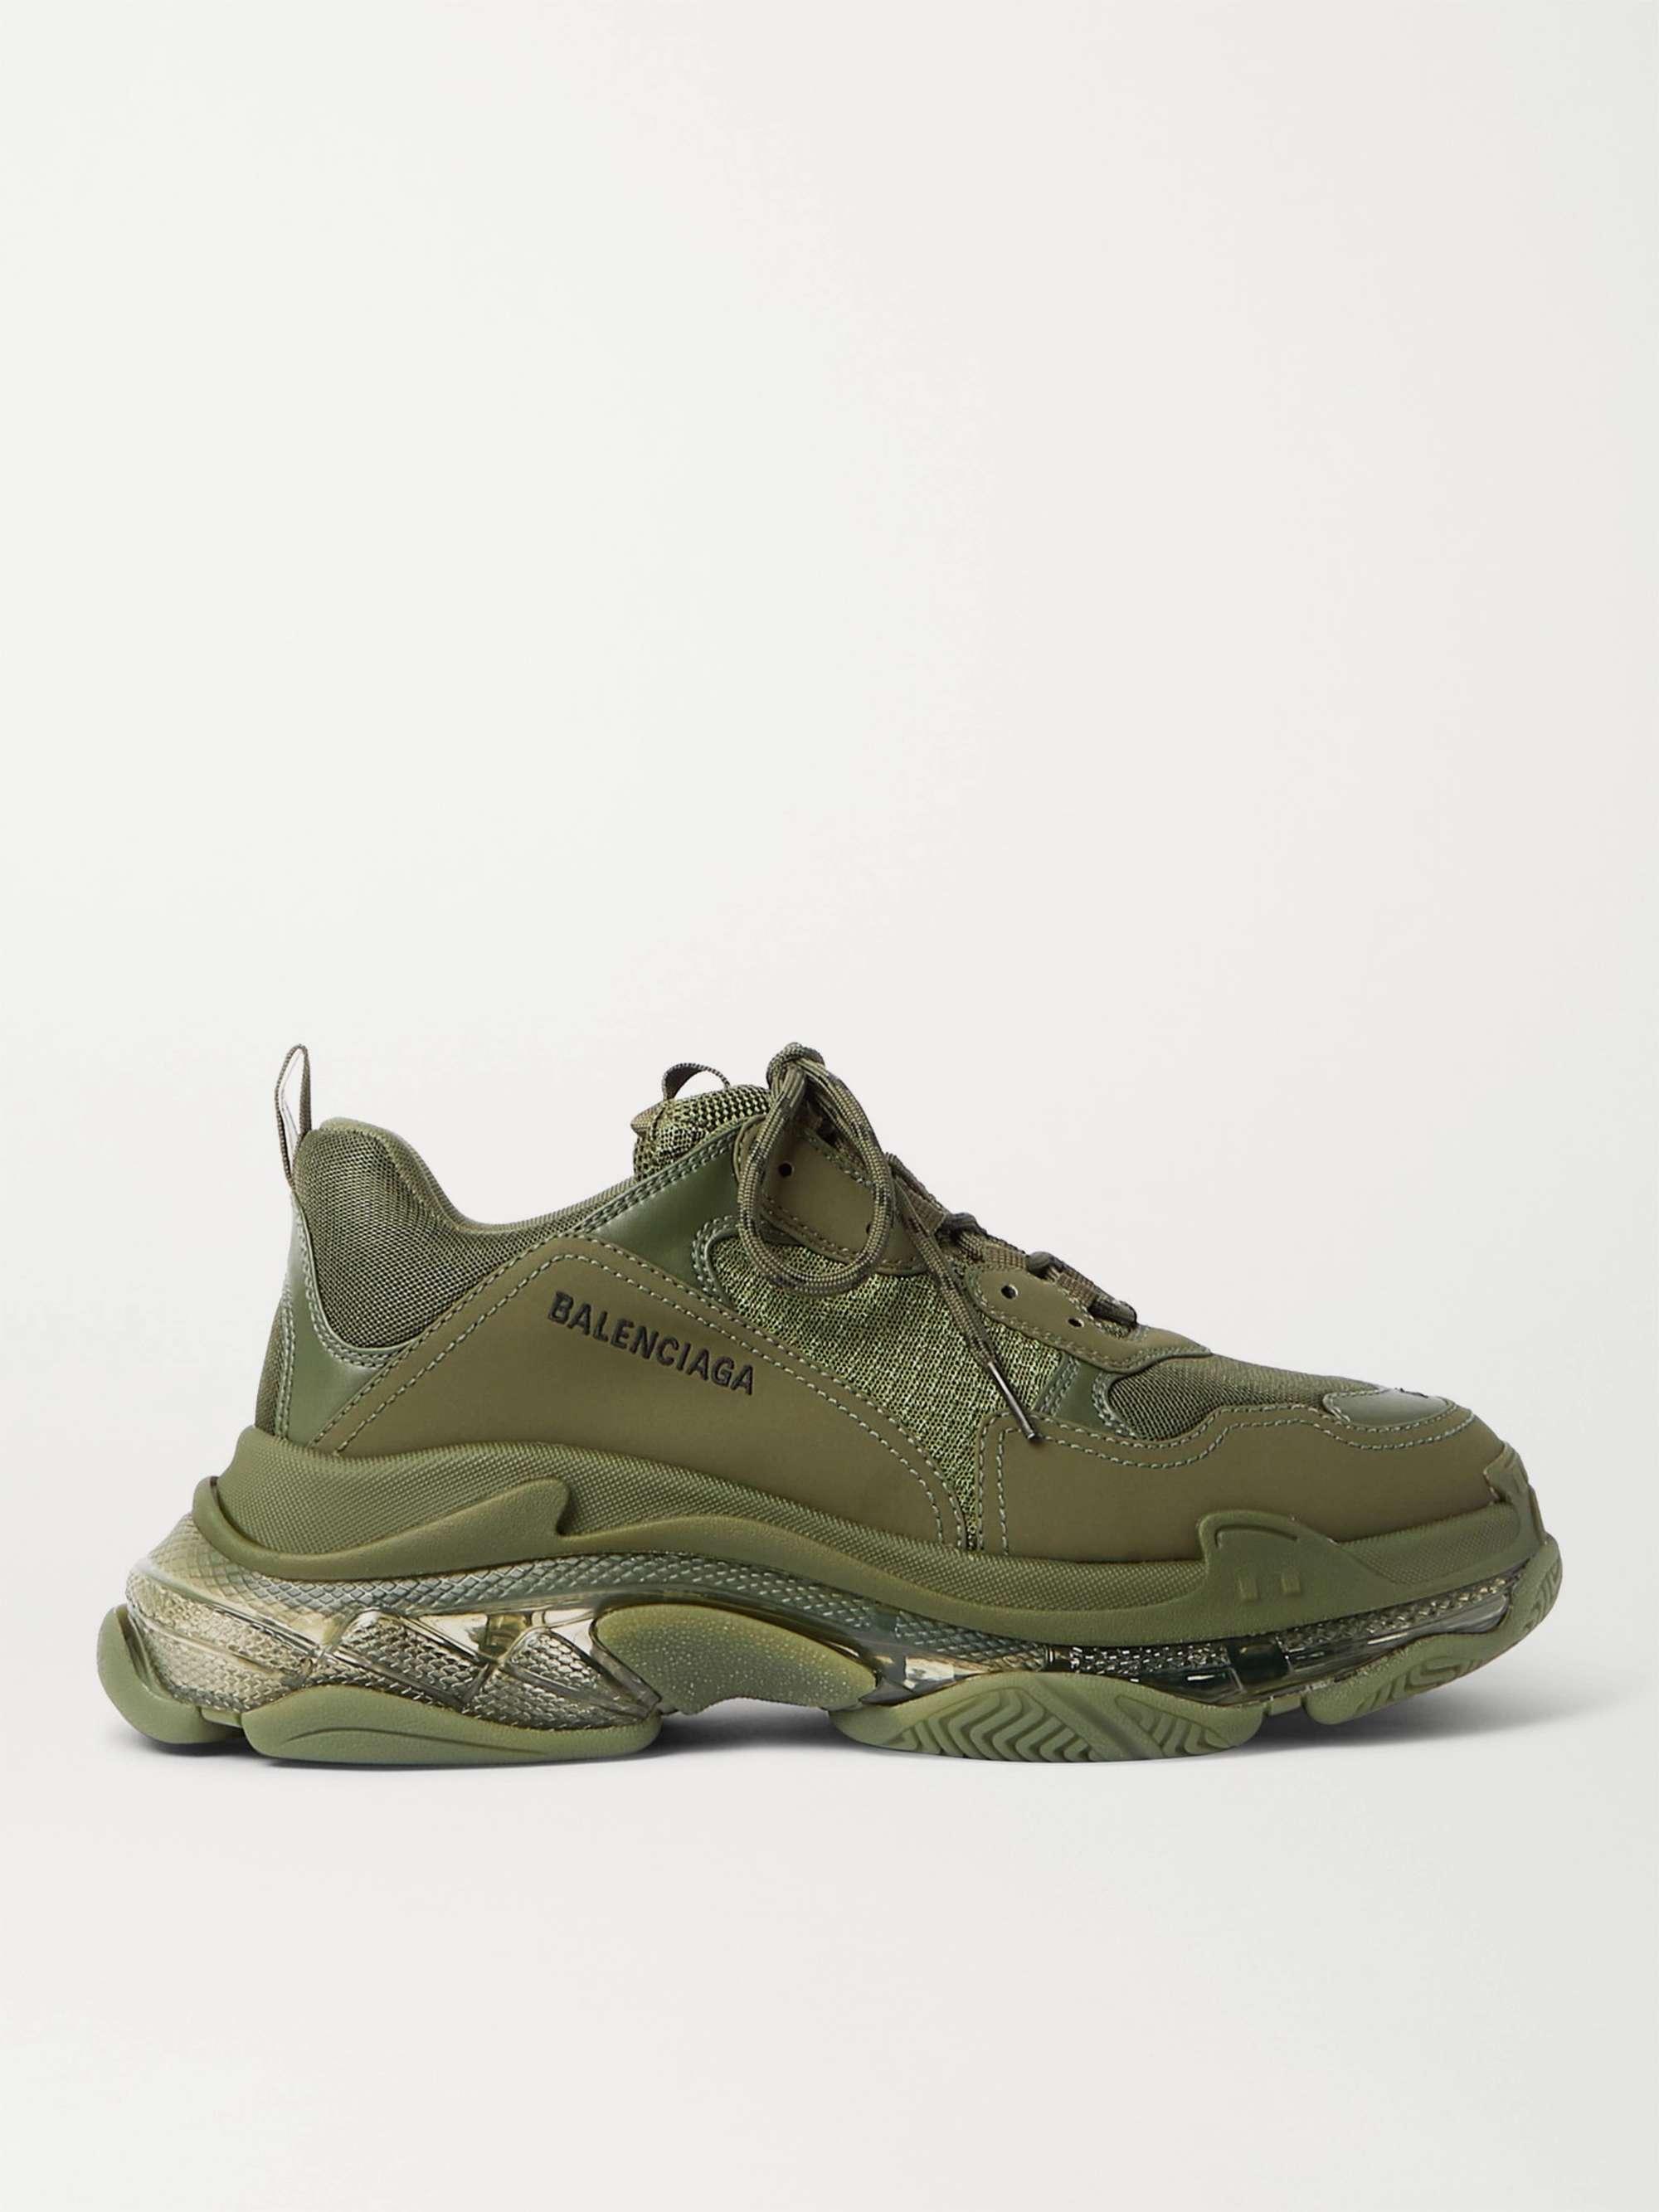 발렌시아가 트리플S 남성용 Balenciaga Triple S Clear Sole Mesh Nubuck and Leather Sneakers,Green